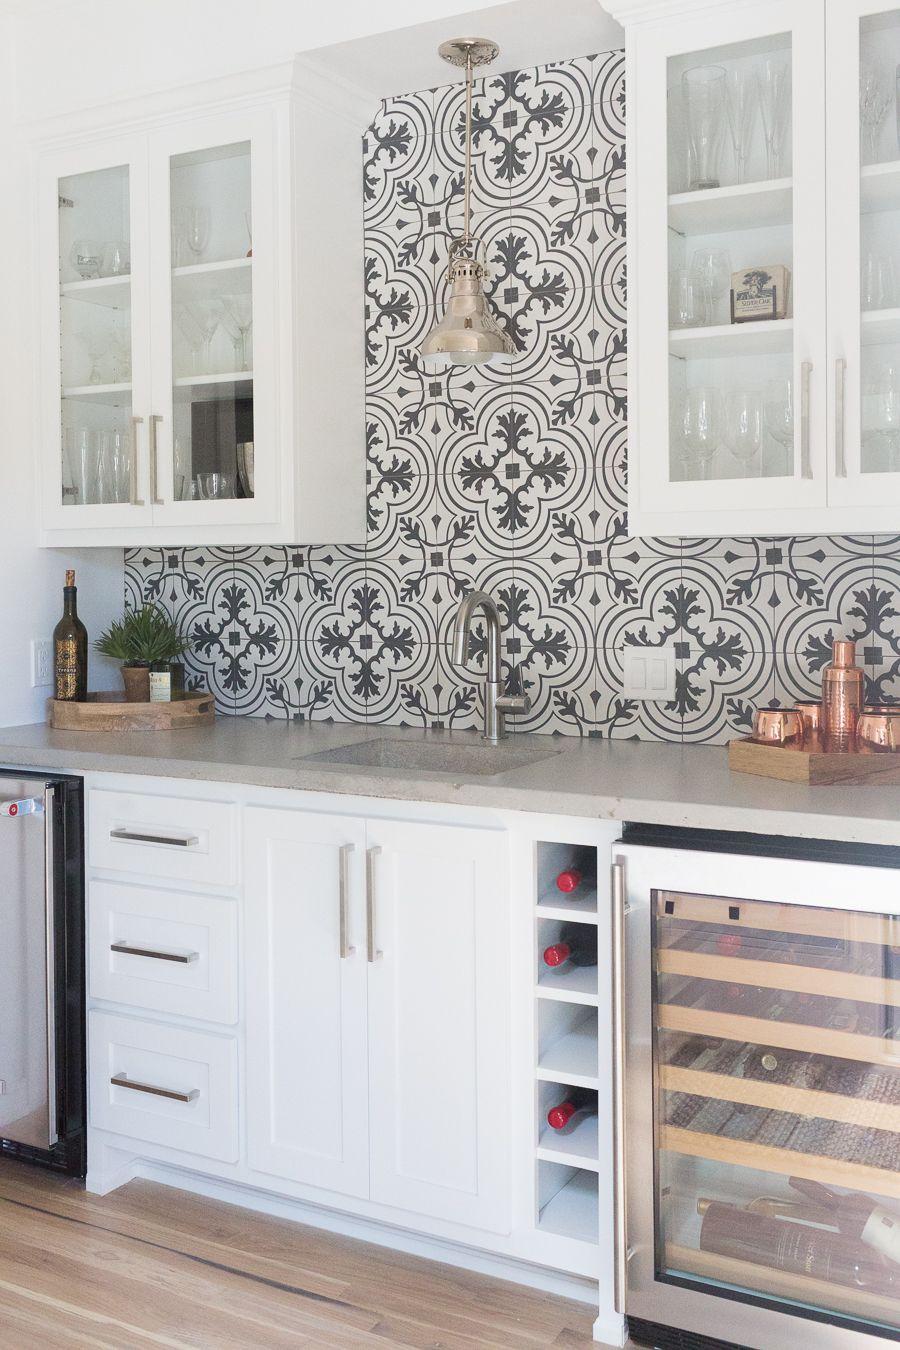 Affordable Ceramic Patterned Tile Backsplash And Flooring Cc And Mike Kitchen Decor Tiles Patterned Kitchen Tiles Patterned Tile Backsplash